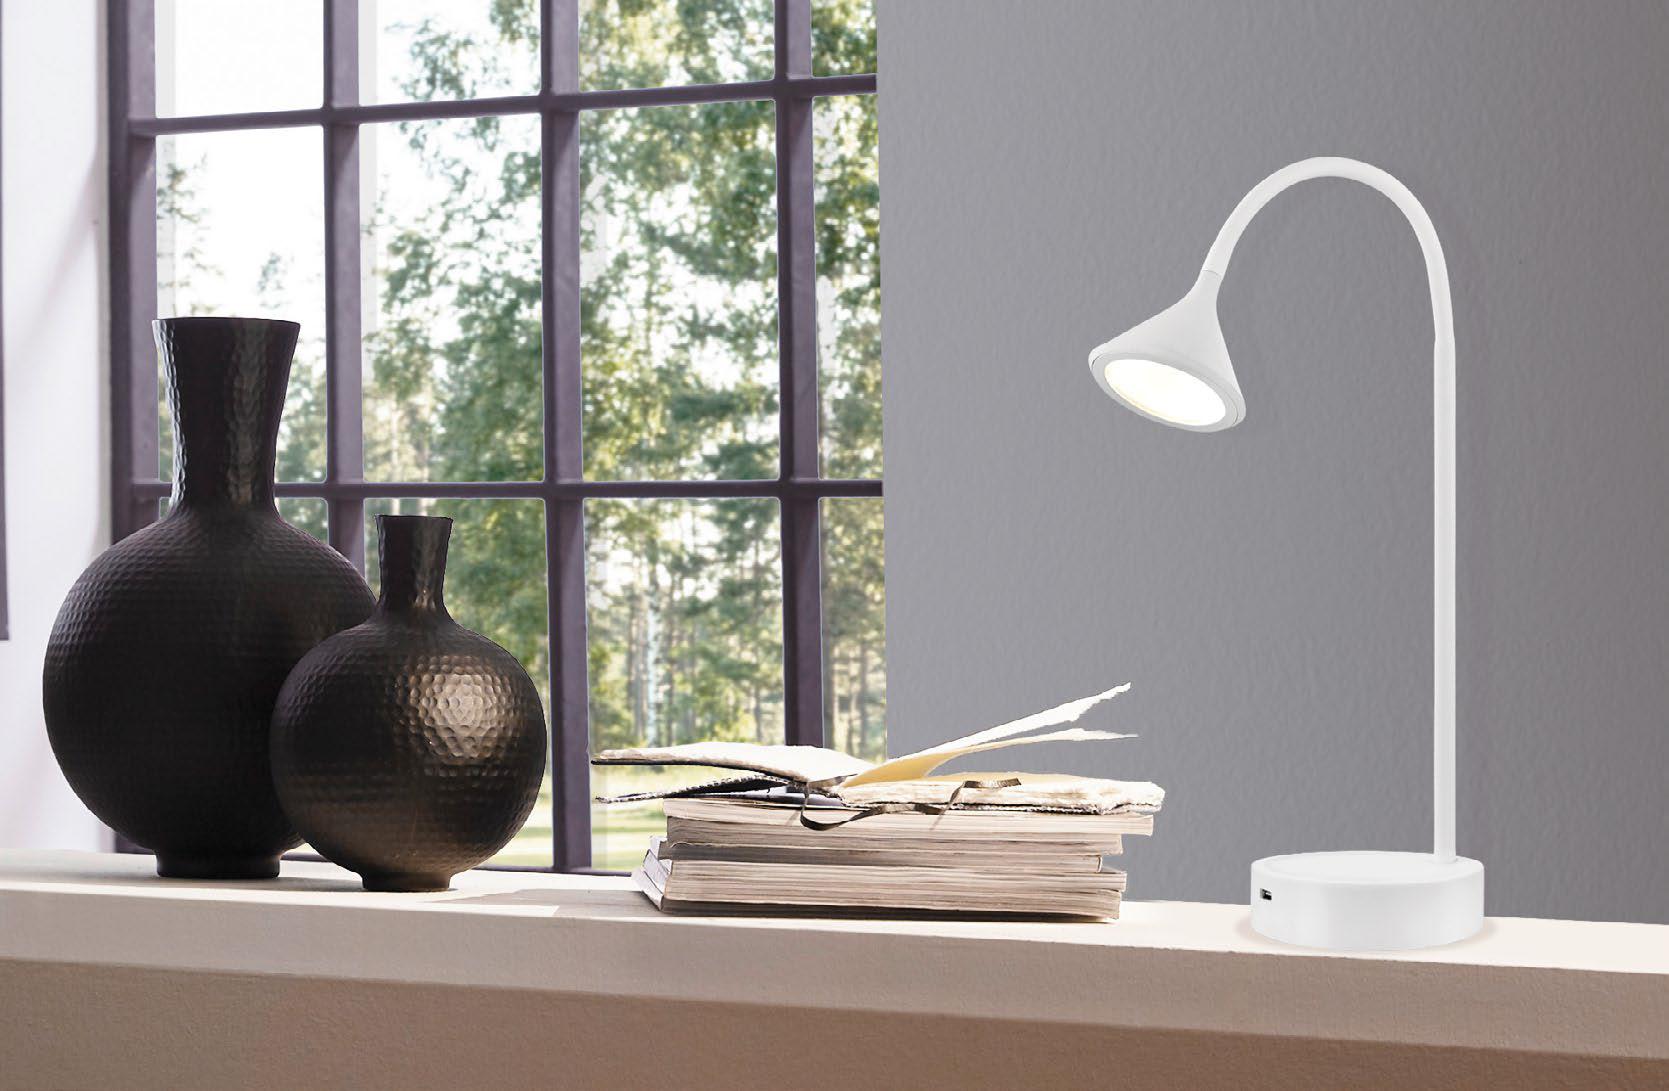 Lampe de table moderne ORMOND Eglo 202278A sur un bureau de travail près de la fenêtre avec objets décoratifs et livres